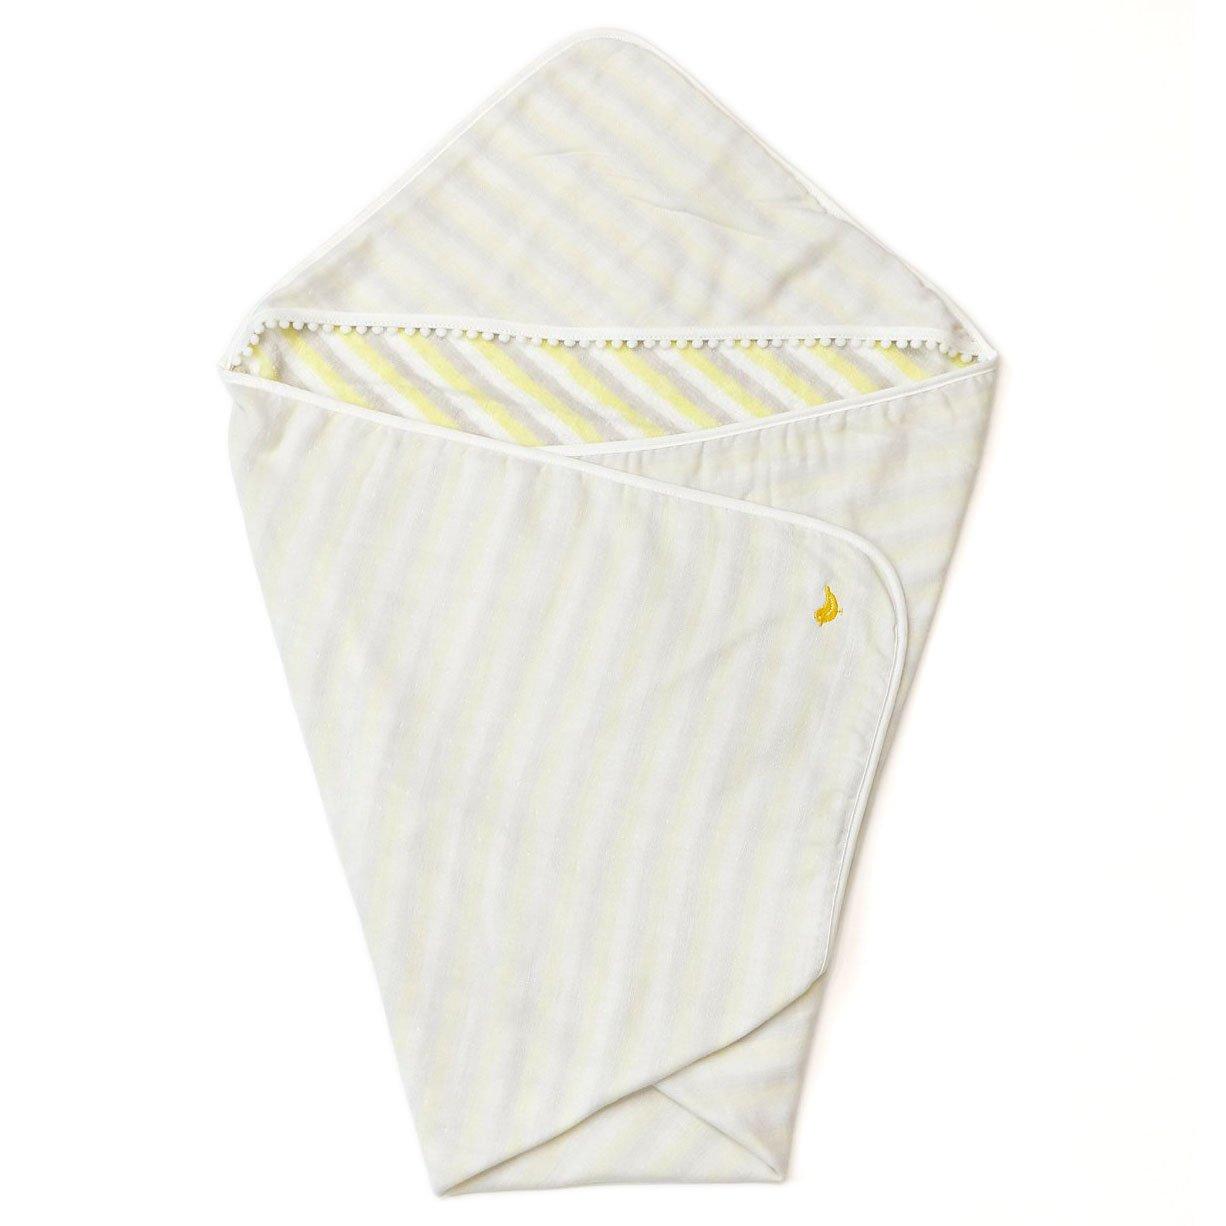 Iori Baby Swaddle Blanket - Yellow